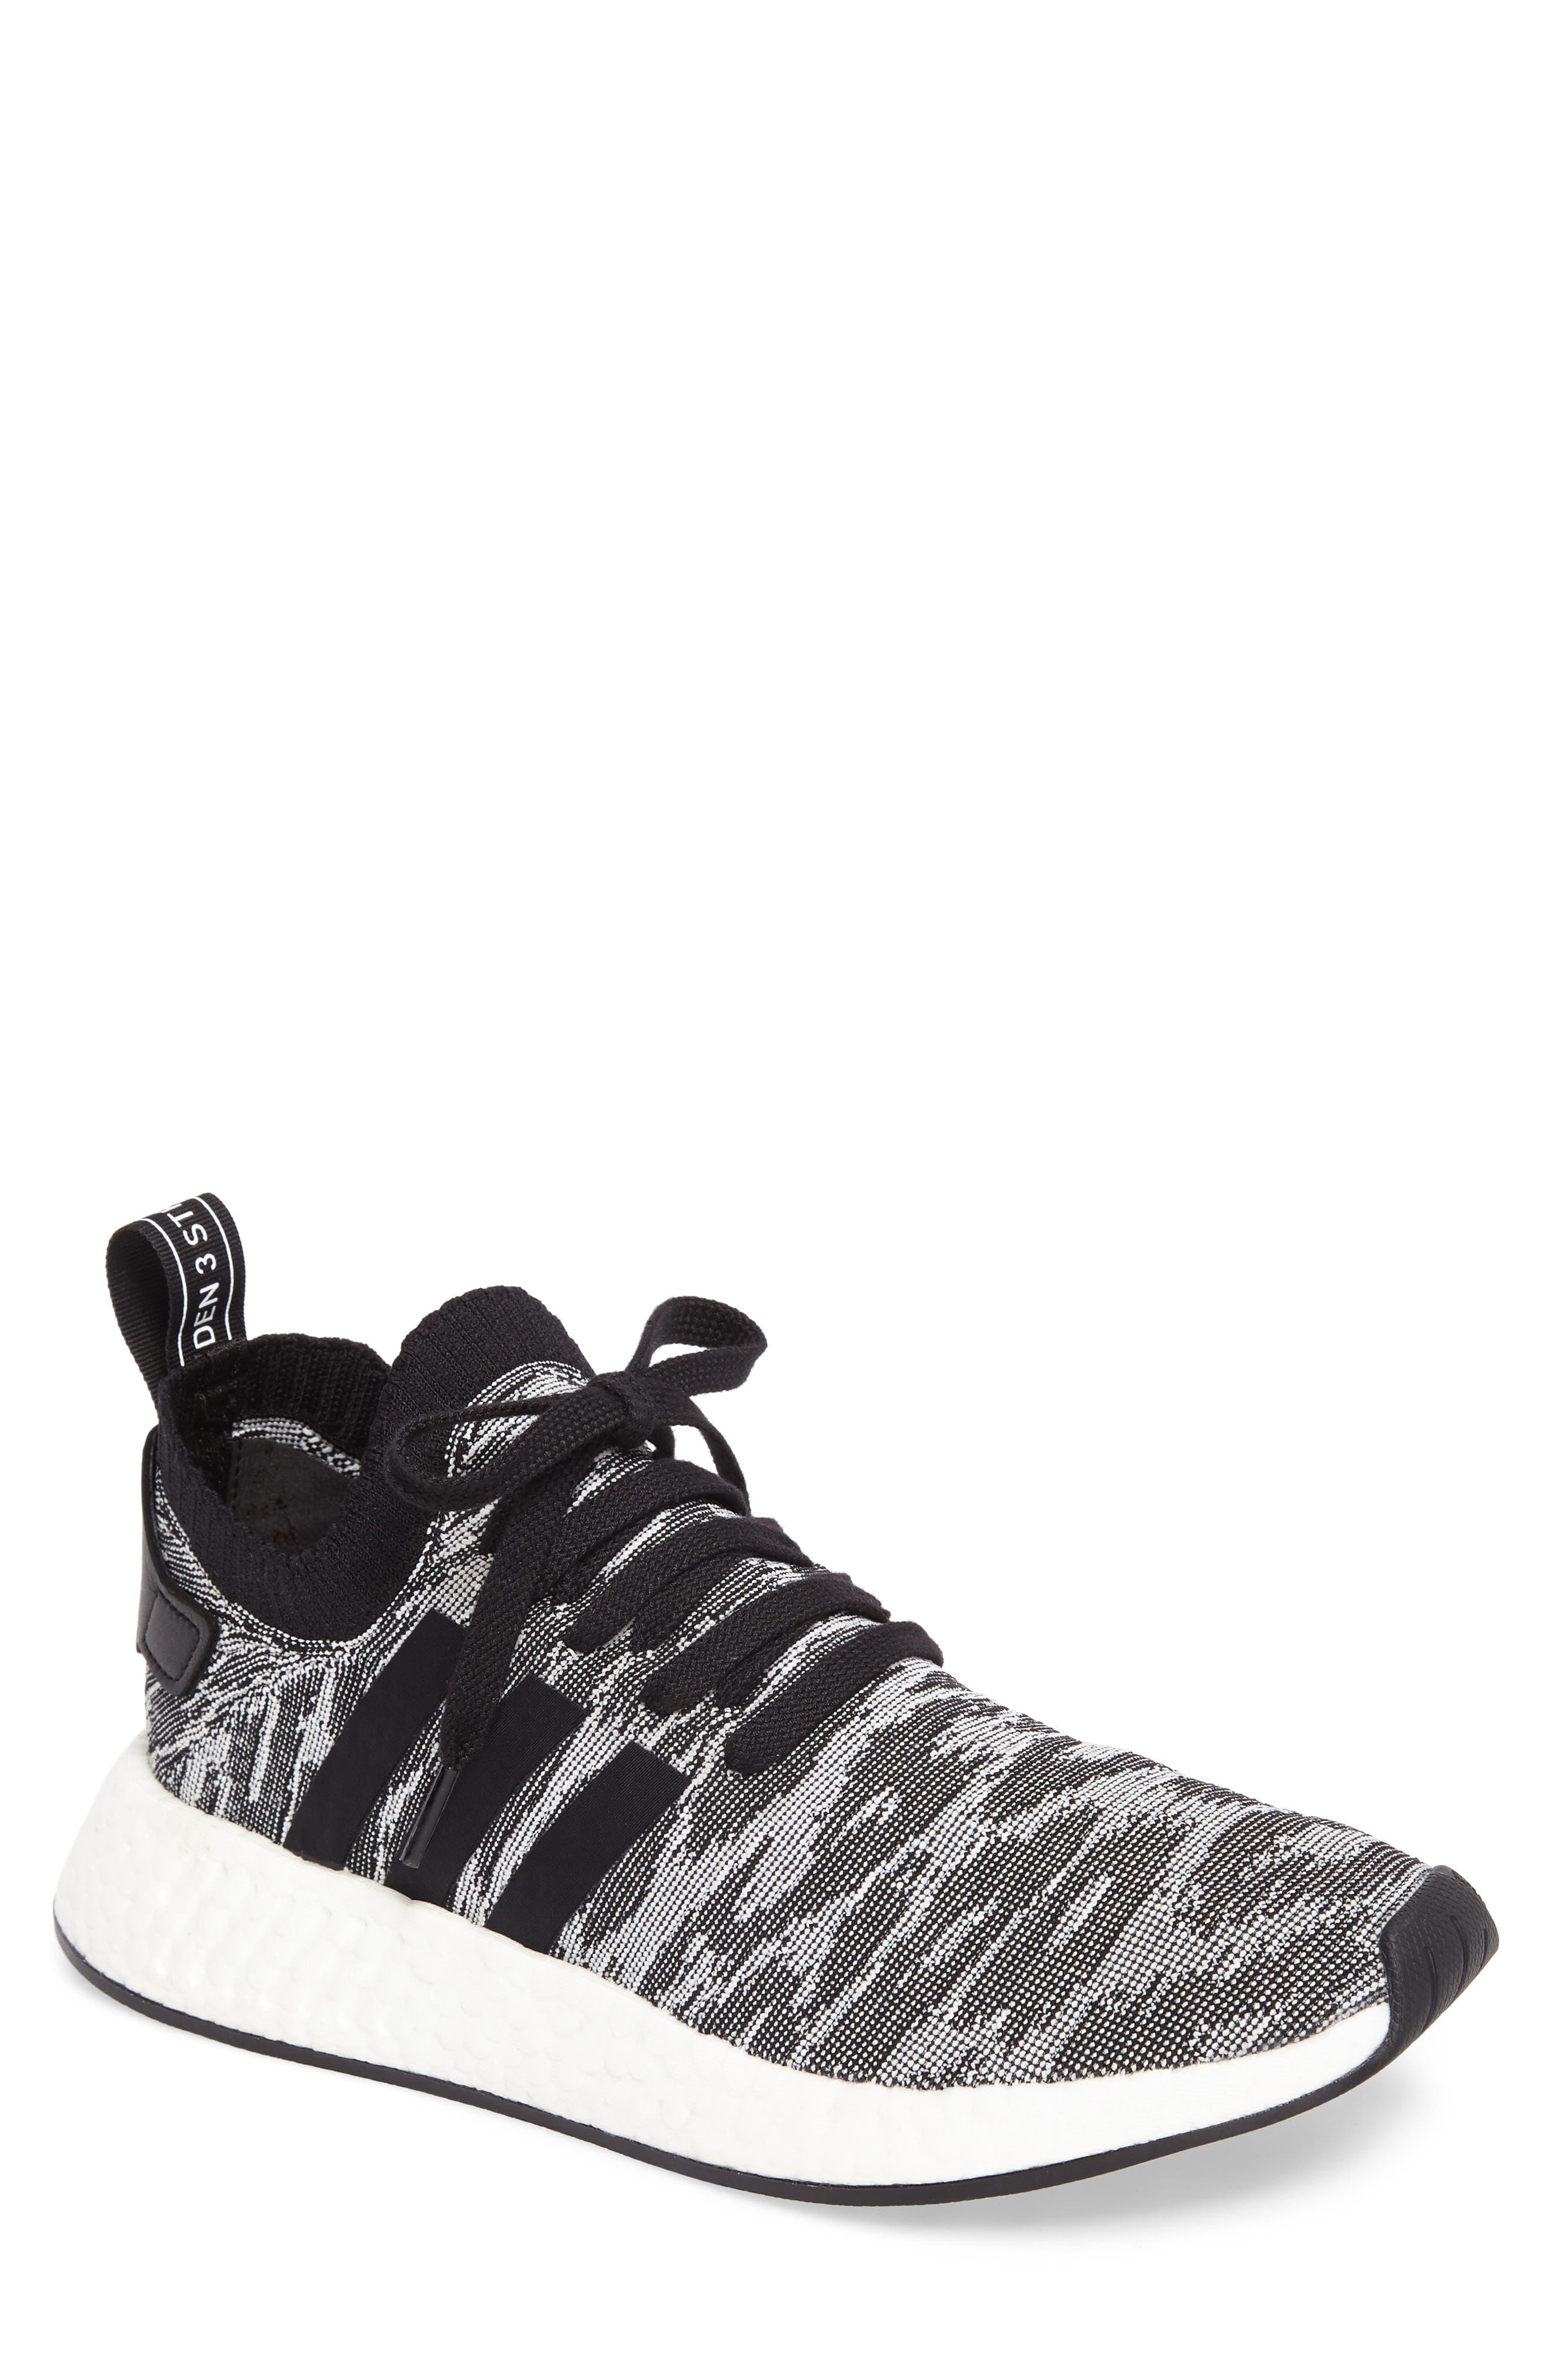 adidas NMD R2 Primeknit Running Shoe (Men)